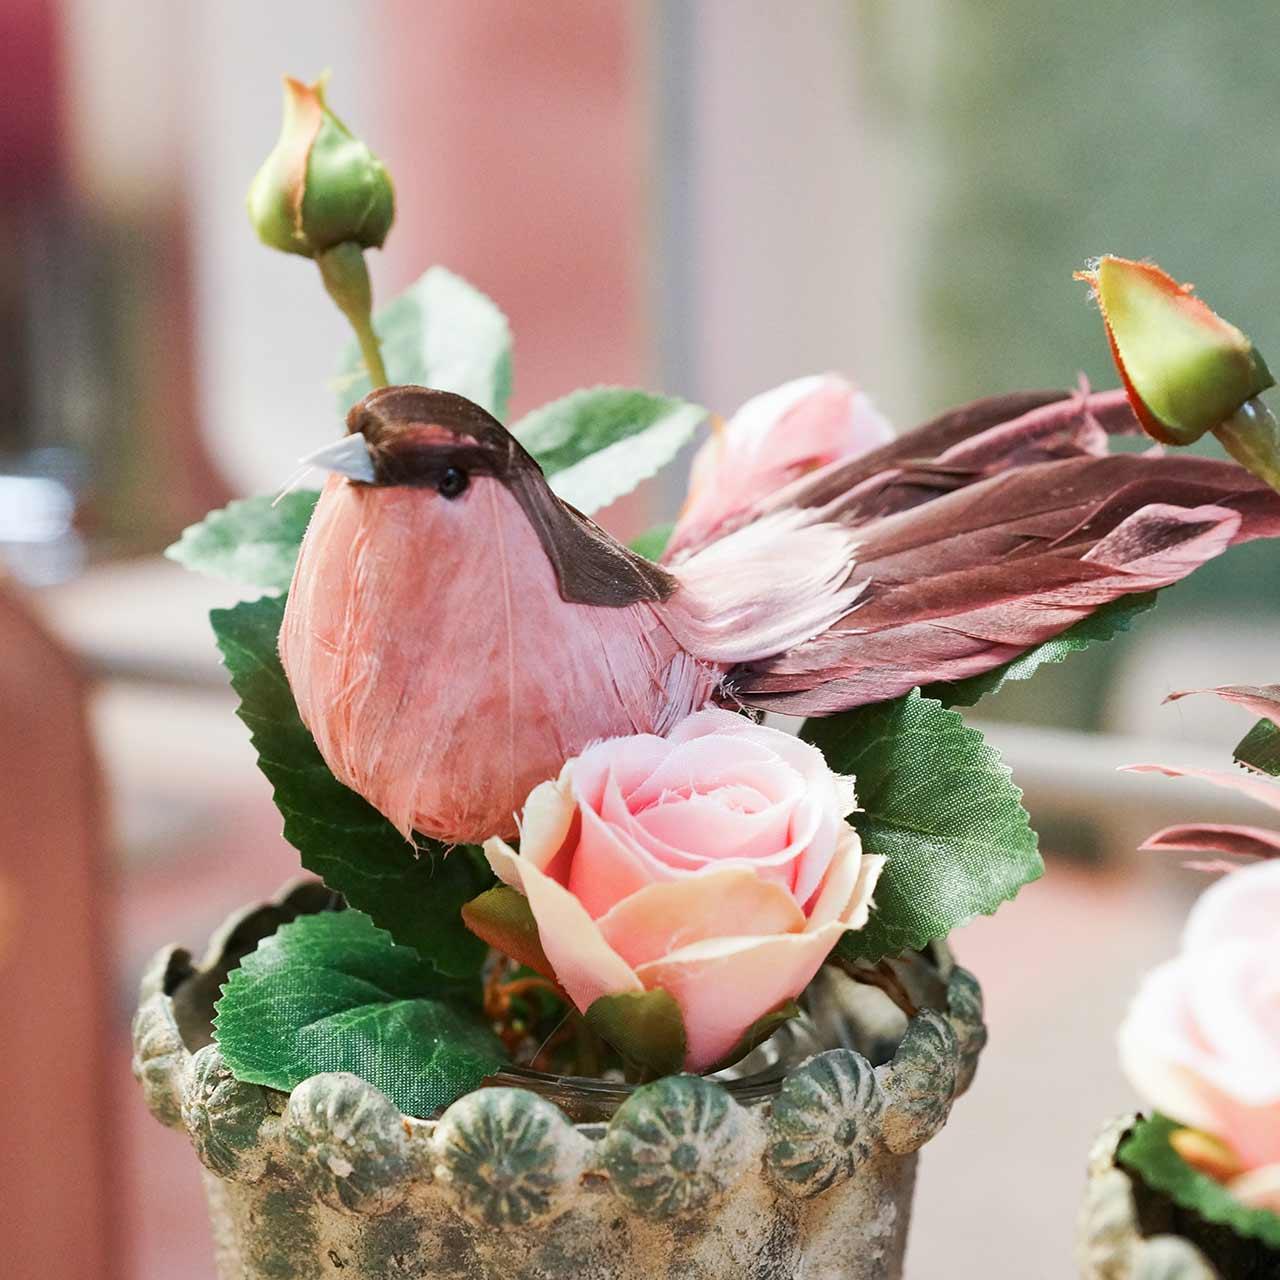 Pluma pájaro sobre alambre rosa 12cm 4pcs